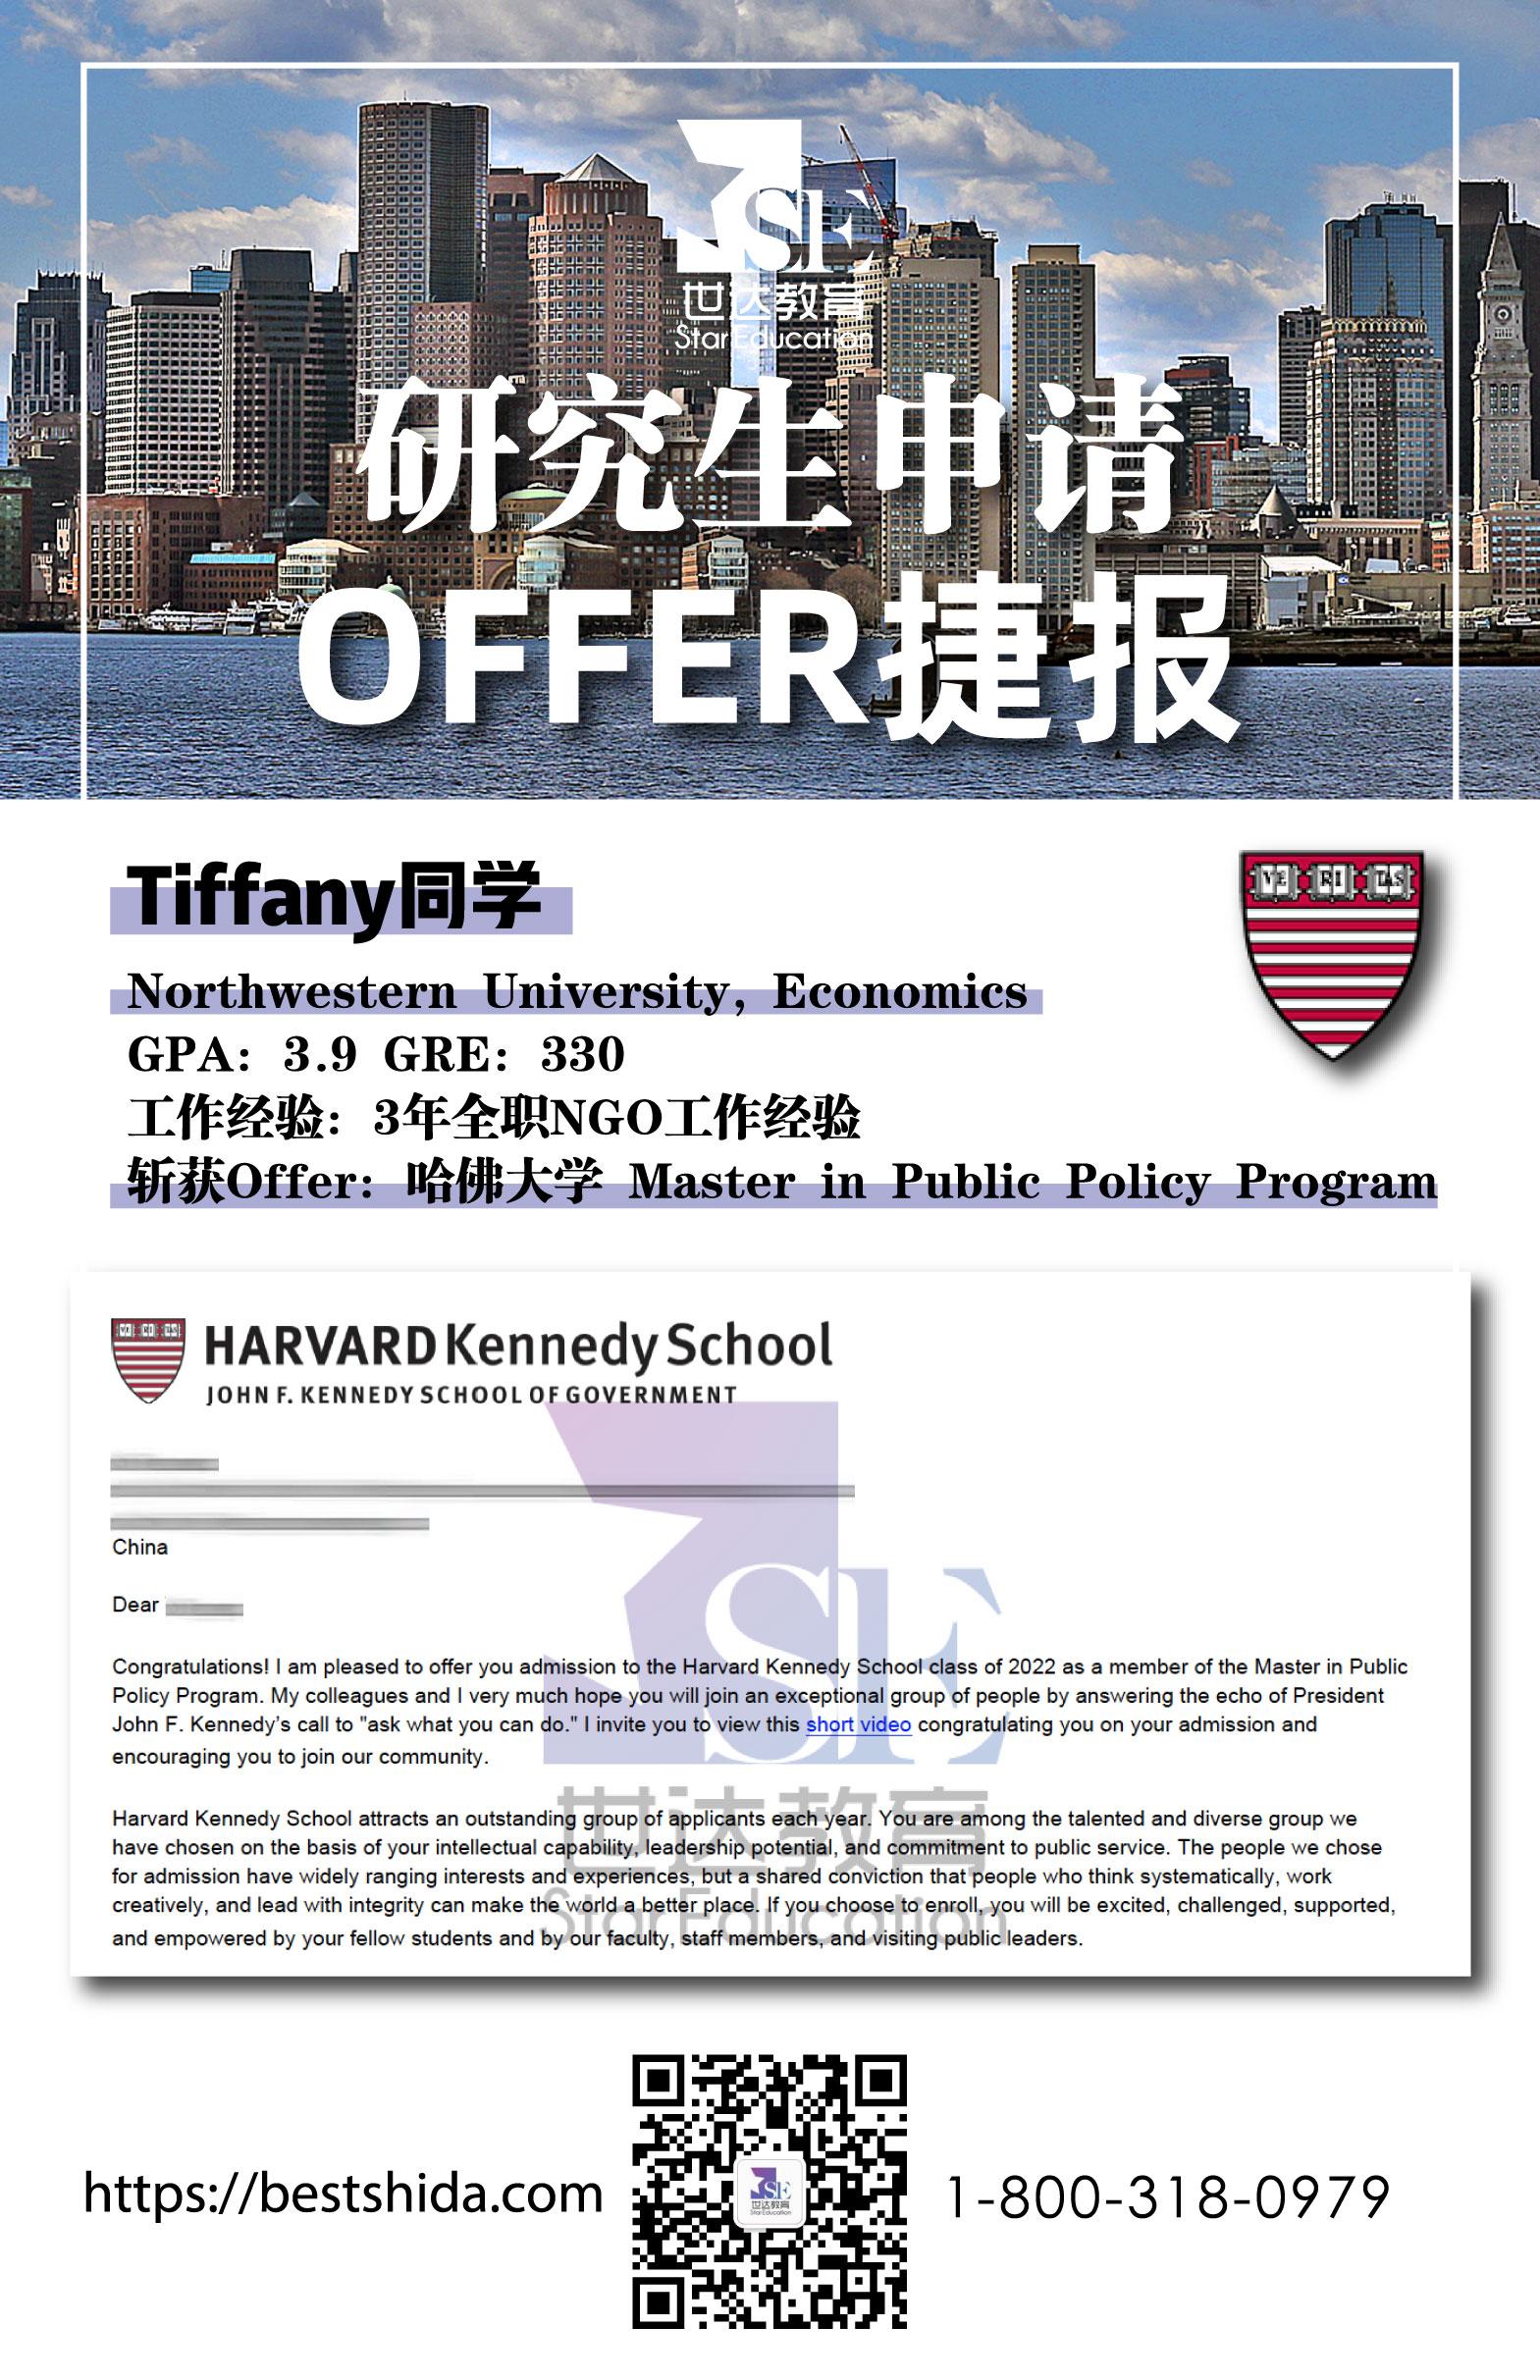 美国哈佛大学研究生offer - 成功案例